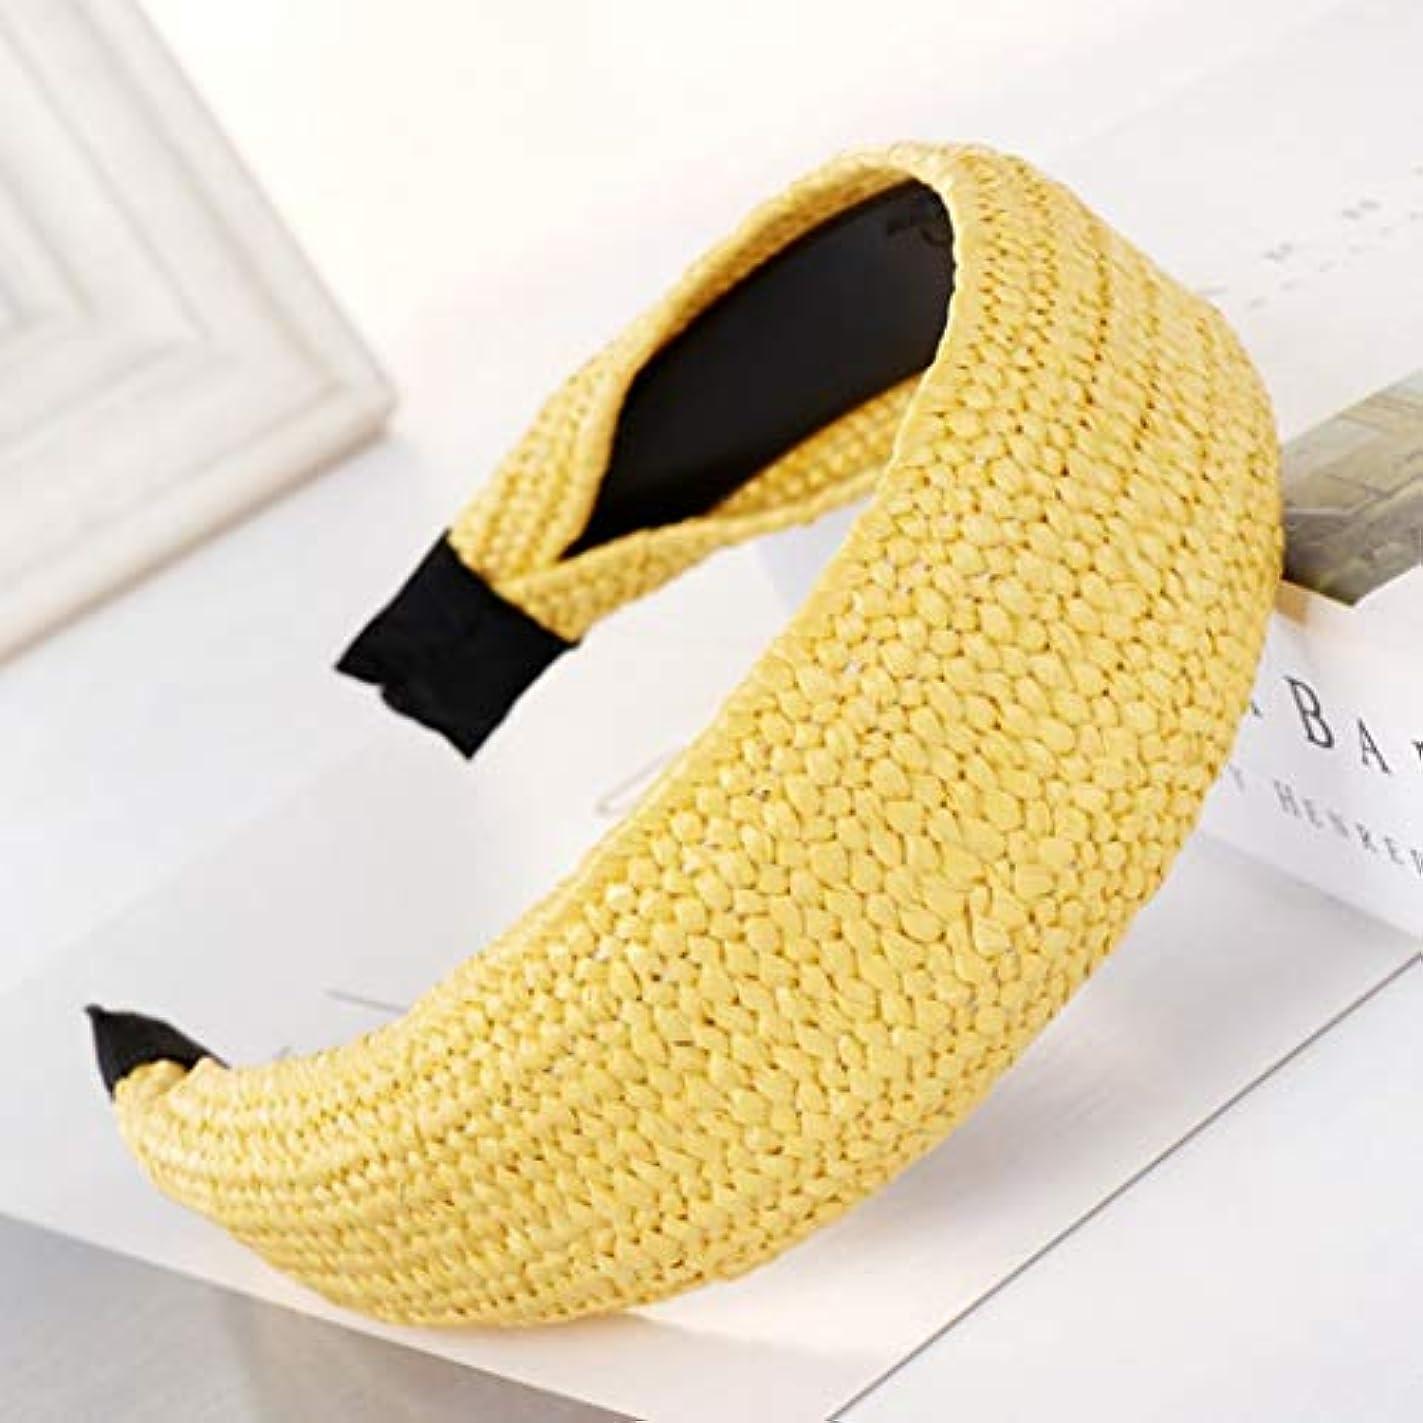 最小化する迅速右Yoshilimen 重要なわら織りヘアバンド結び目ヘッドバンドユニークヘアフープヘアアクセサリー(None 平板黄色)